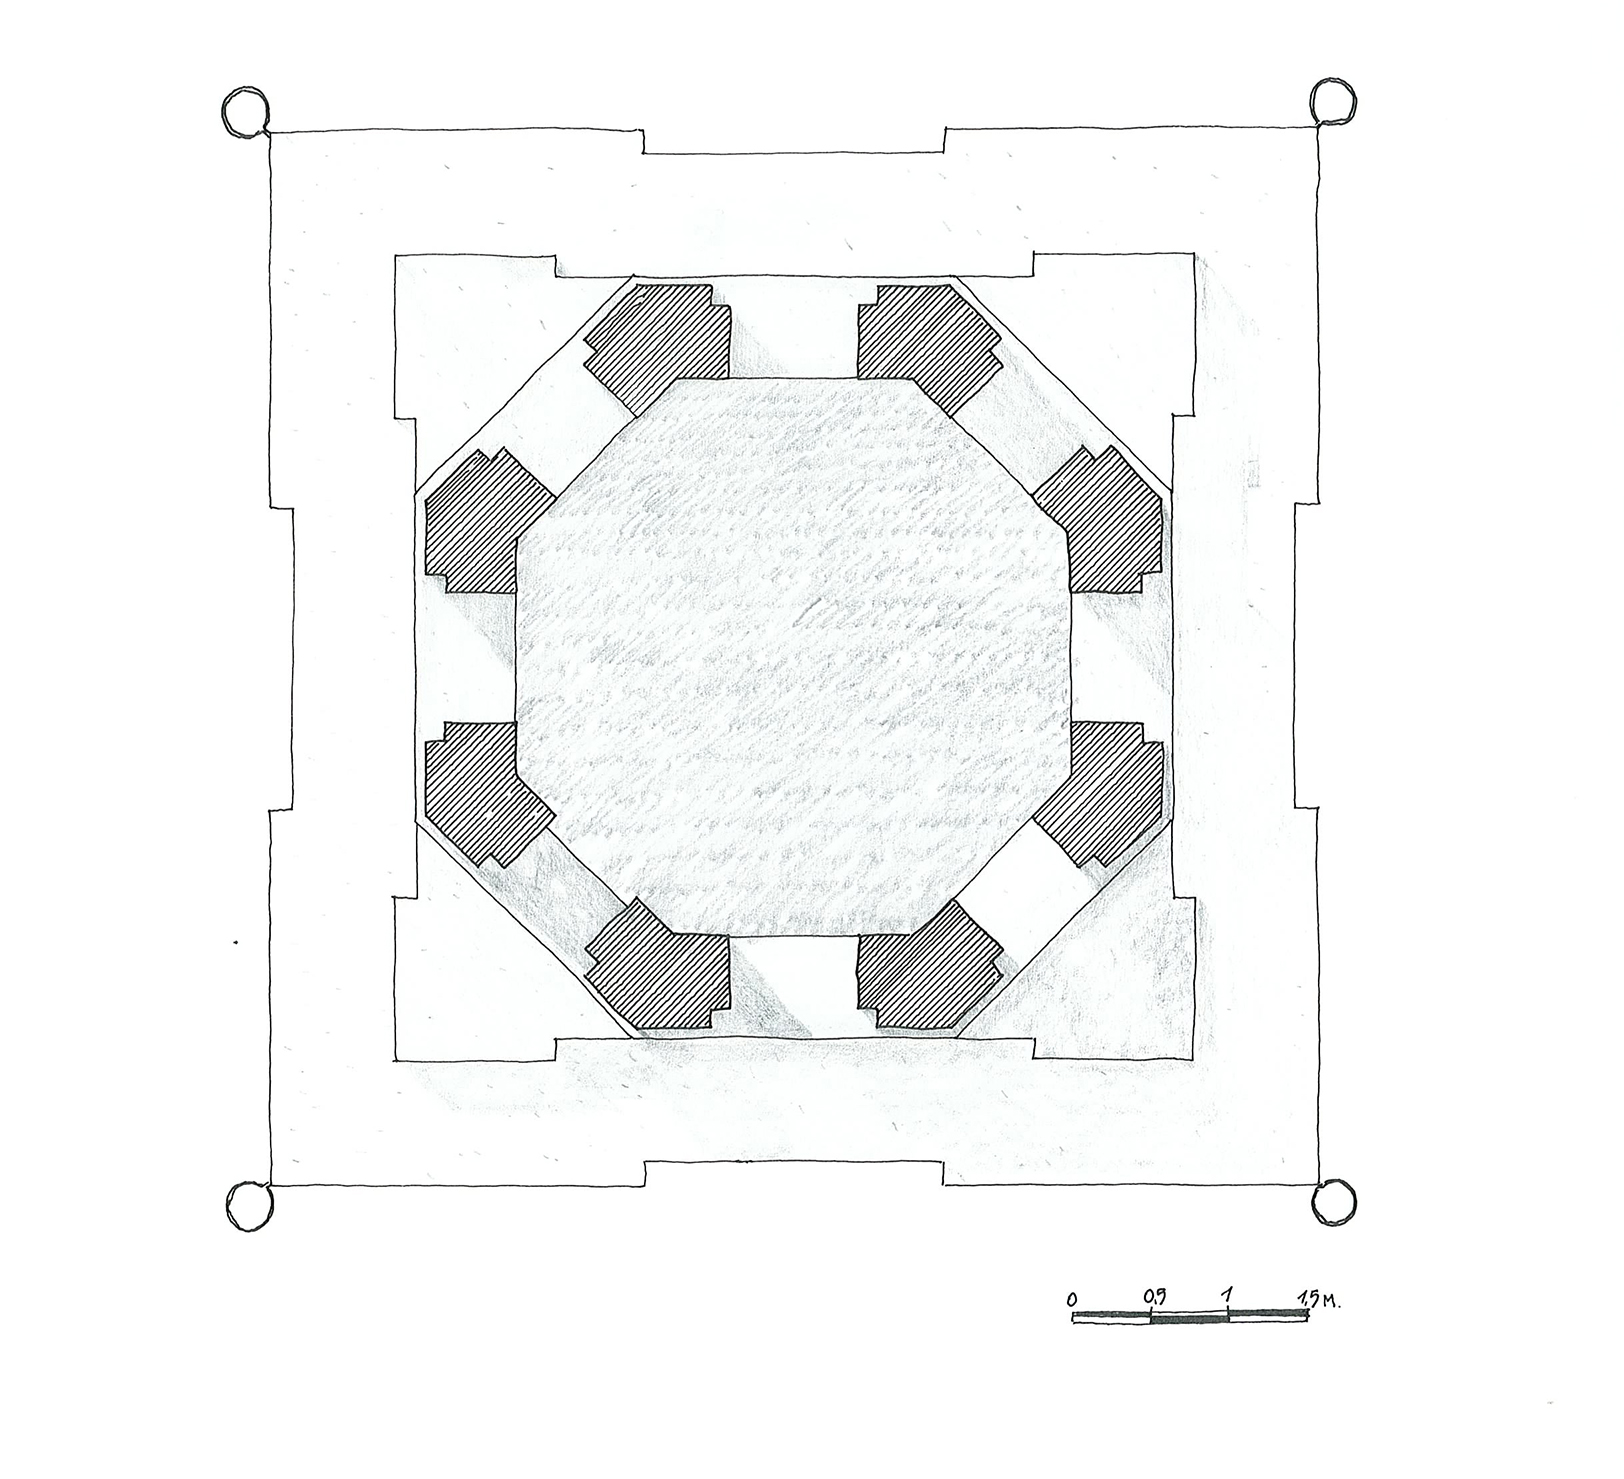 Studio-di-architettura-Baisotti-Sigala-prgetti215